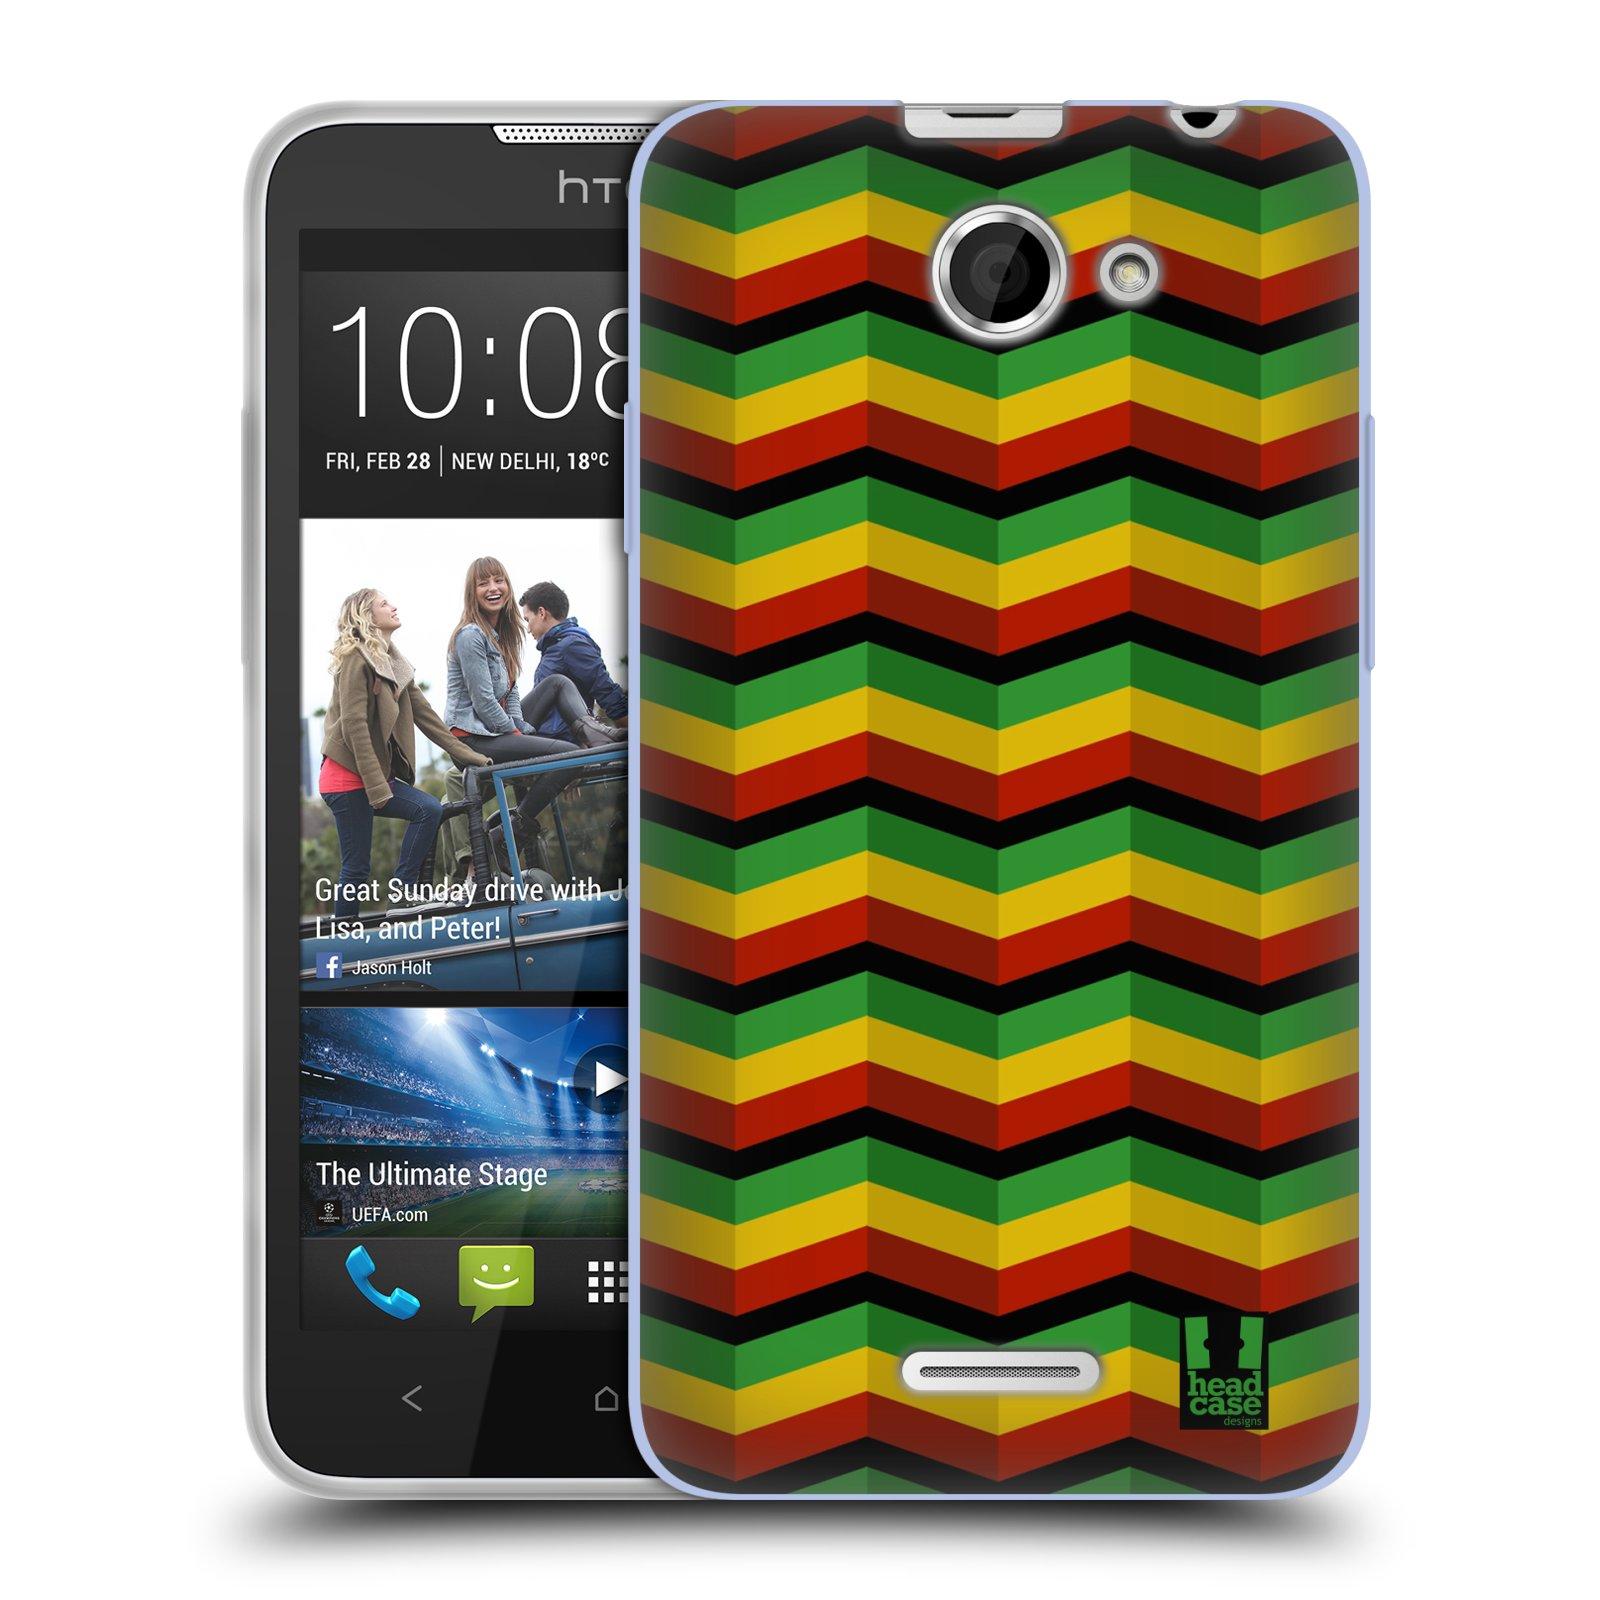 Silikonové pouzdro na mobil HTC Desire 516 HEAD CASE RASTA CHEVRON (Silikonový kryt či obal na mobilní telefon HTC Desire 516 Dual SIM)